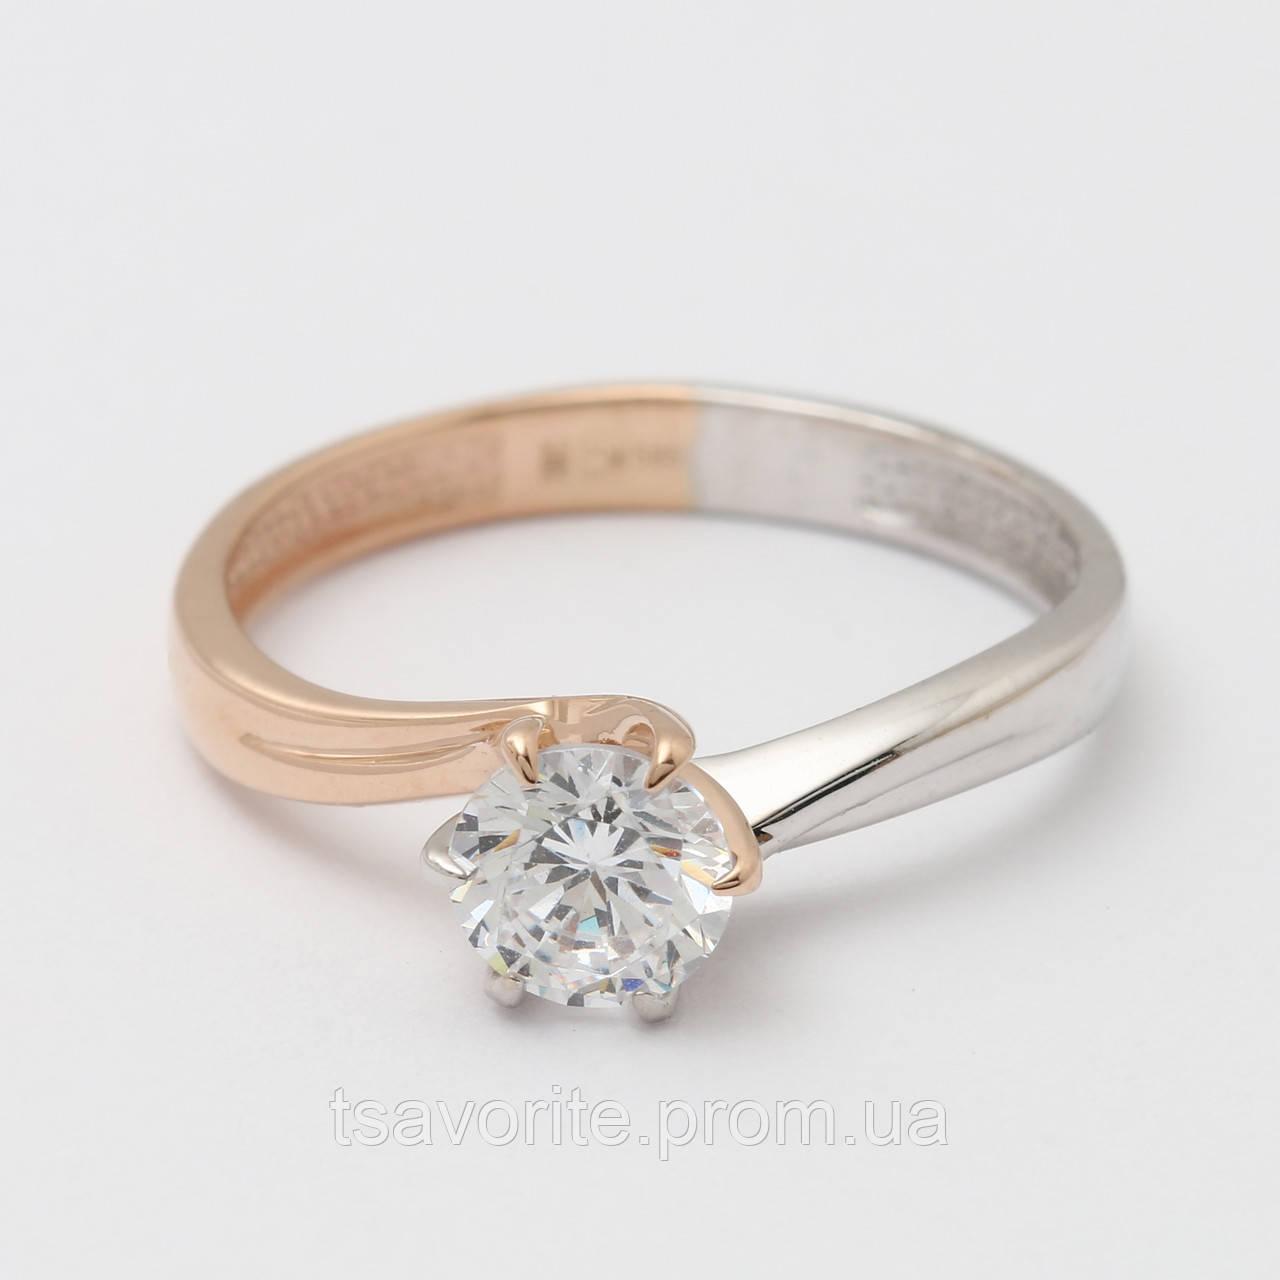 Золотое кольцо НХК-1